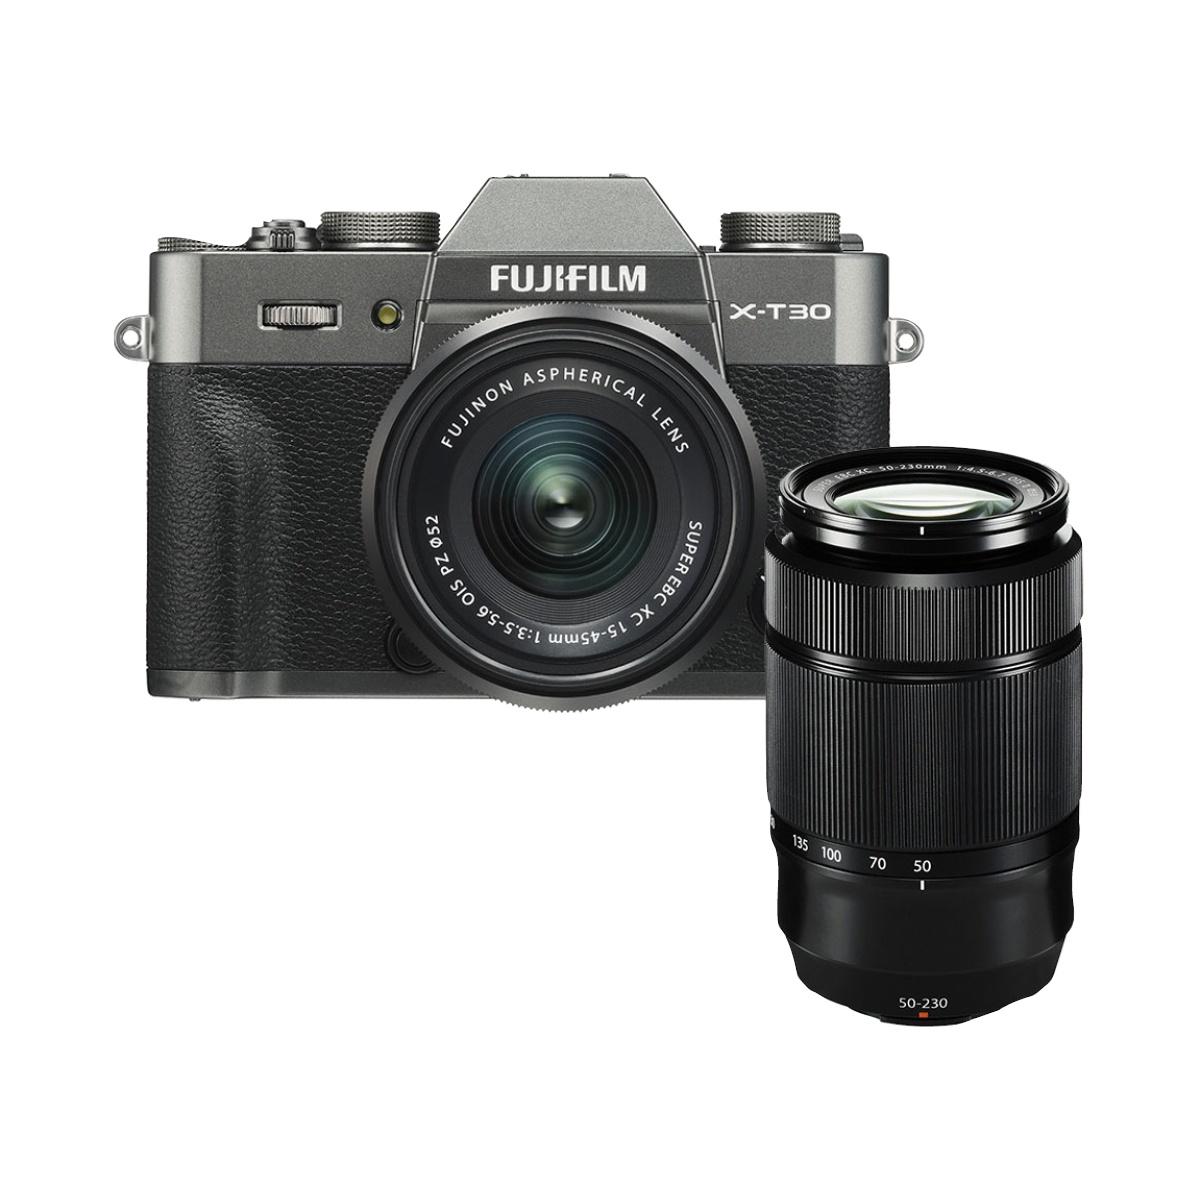 Fujifilm X-T30 Kit mit 15-45 mm + 50-230 mm II Anthrazit